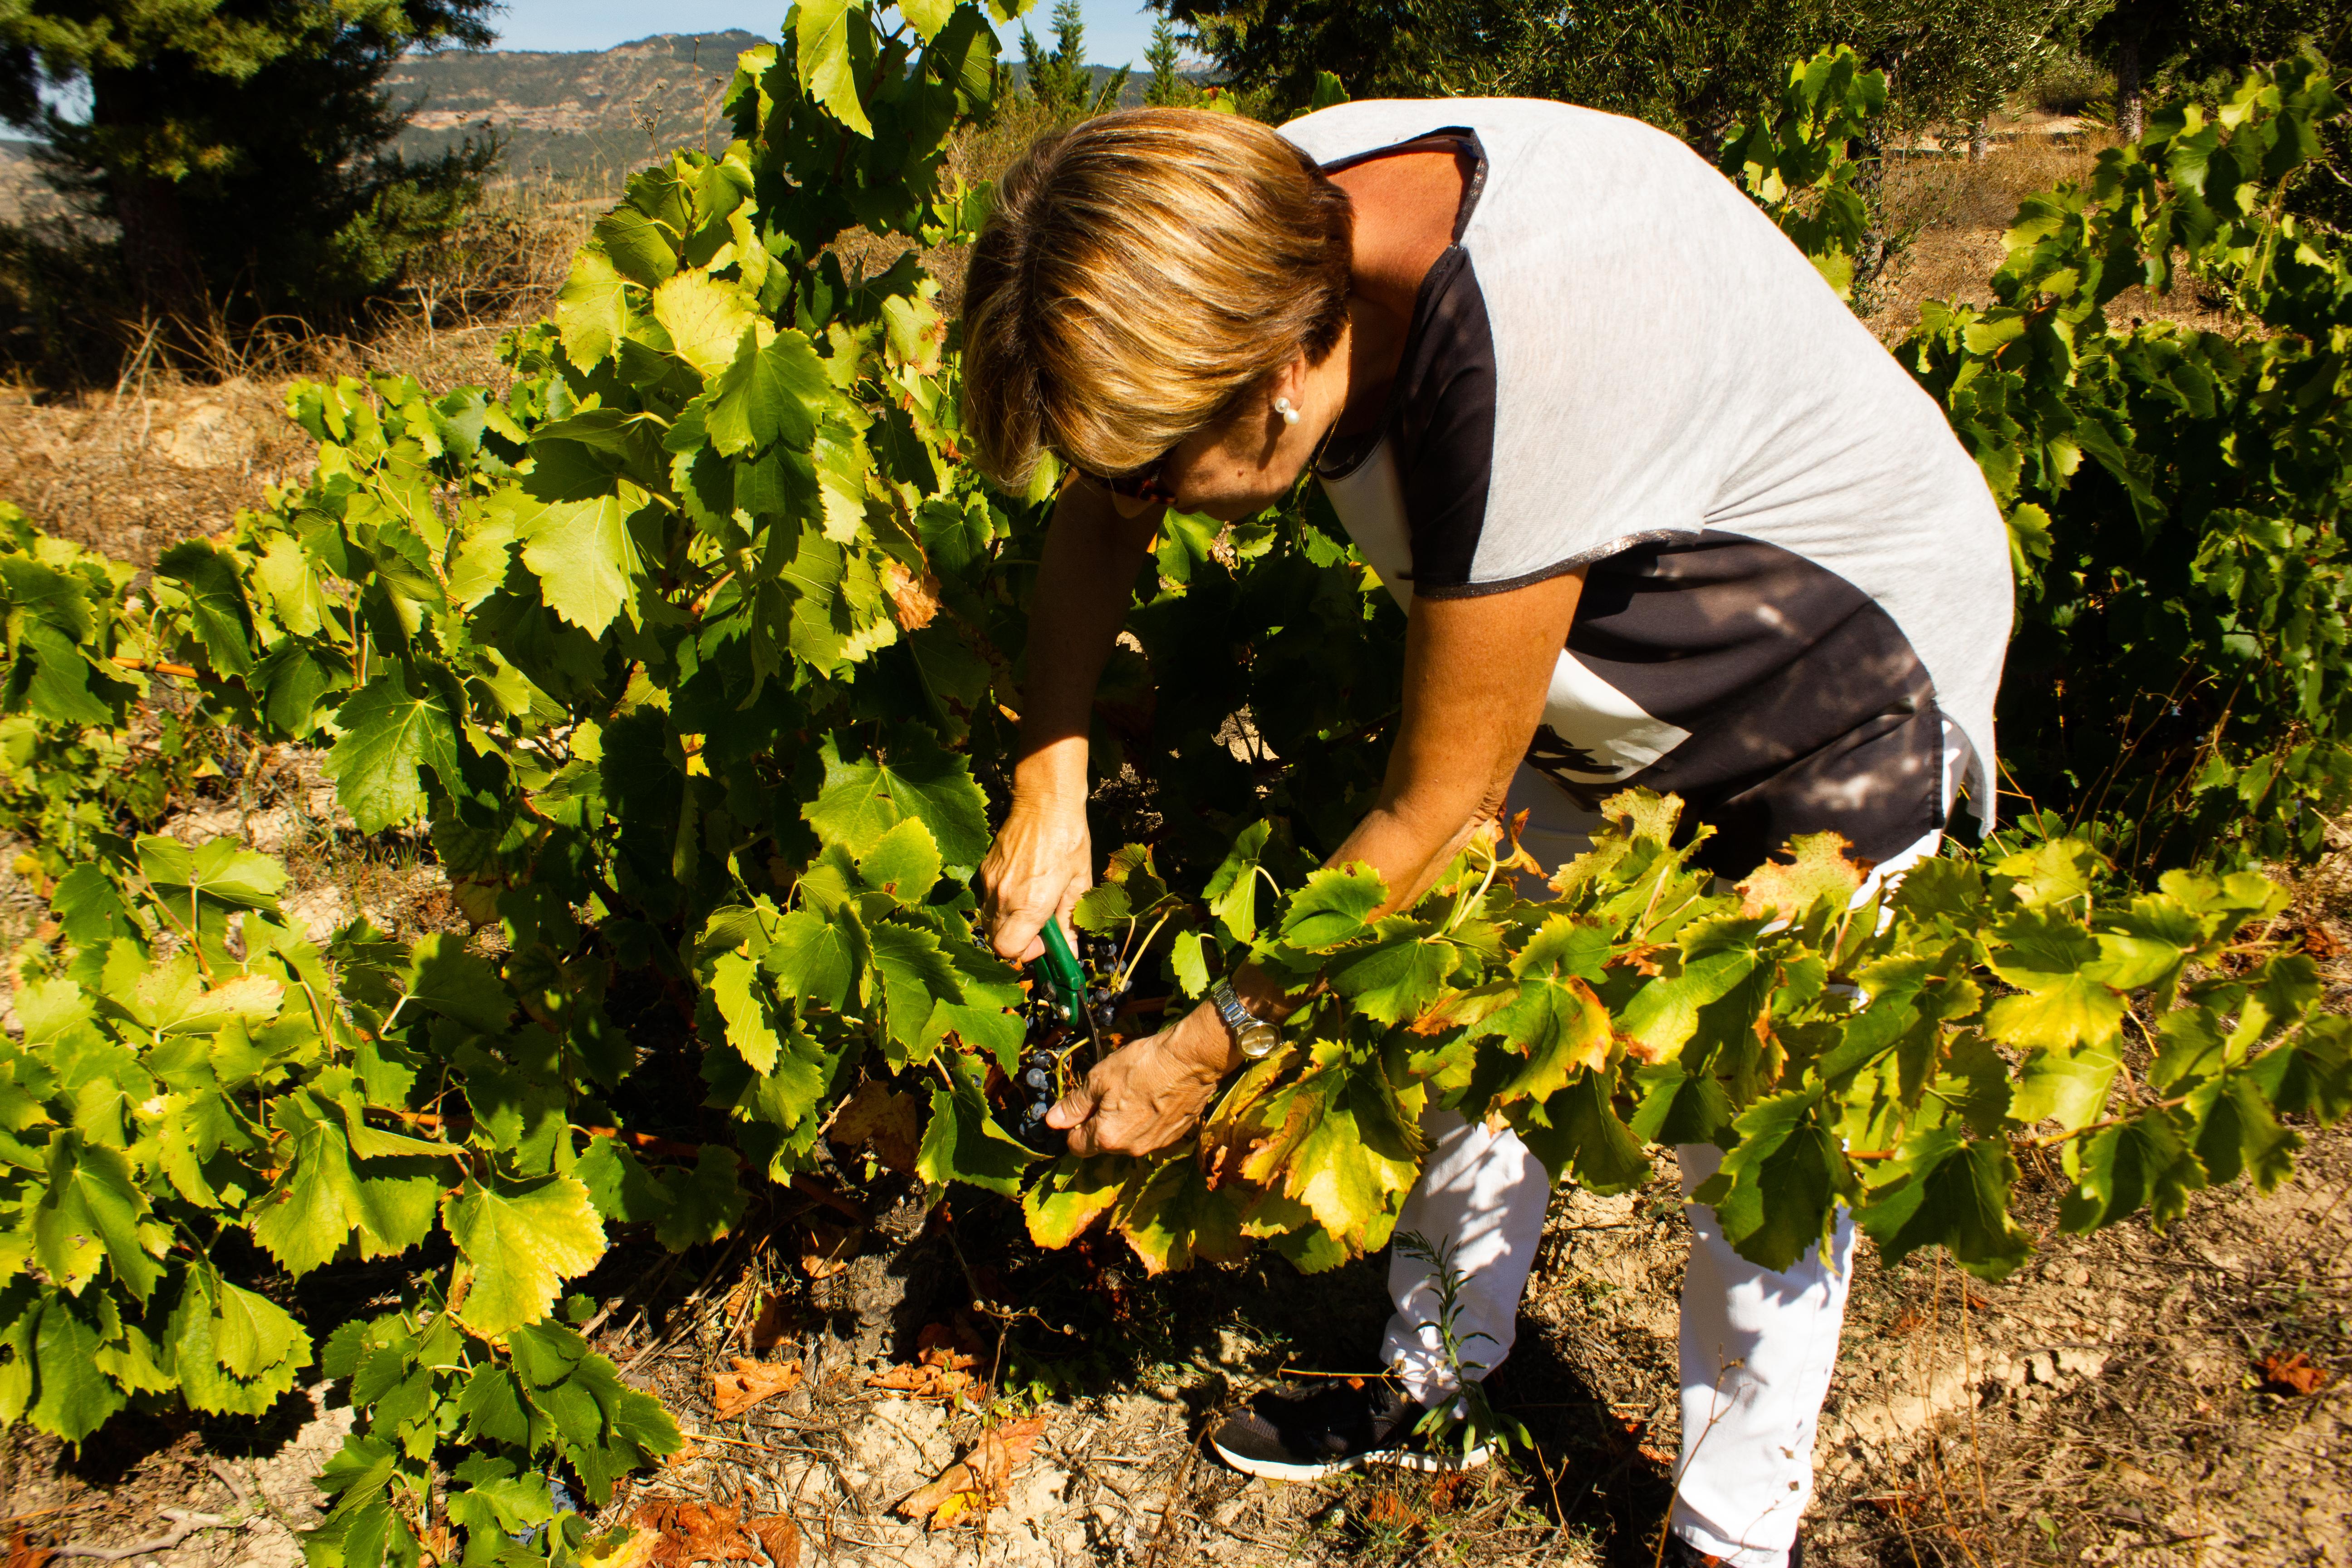 Una mujer corta racimos de uva de una viñedo